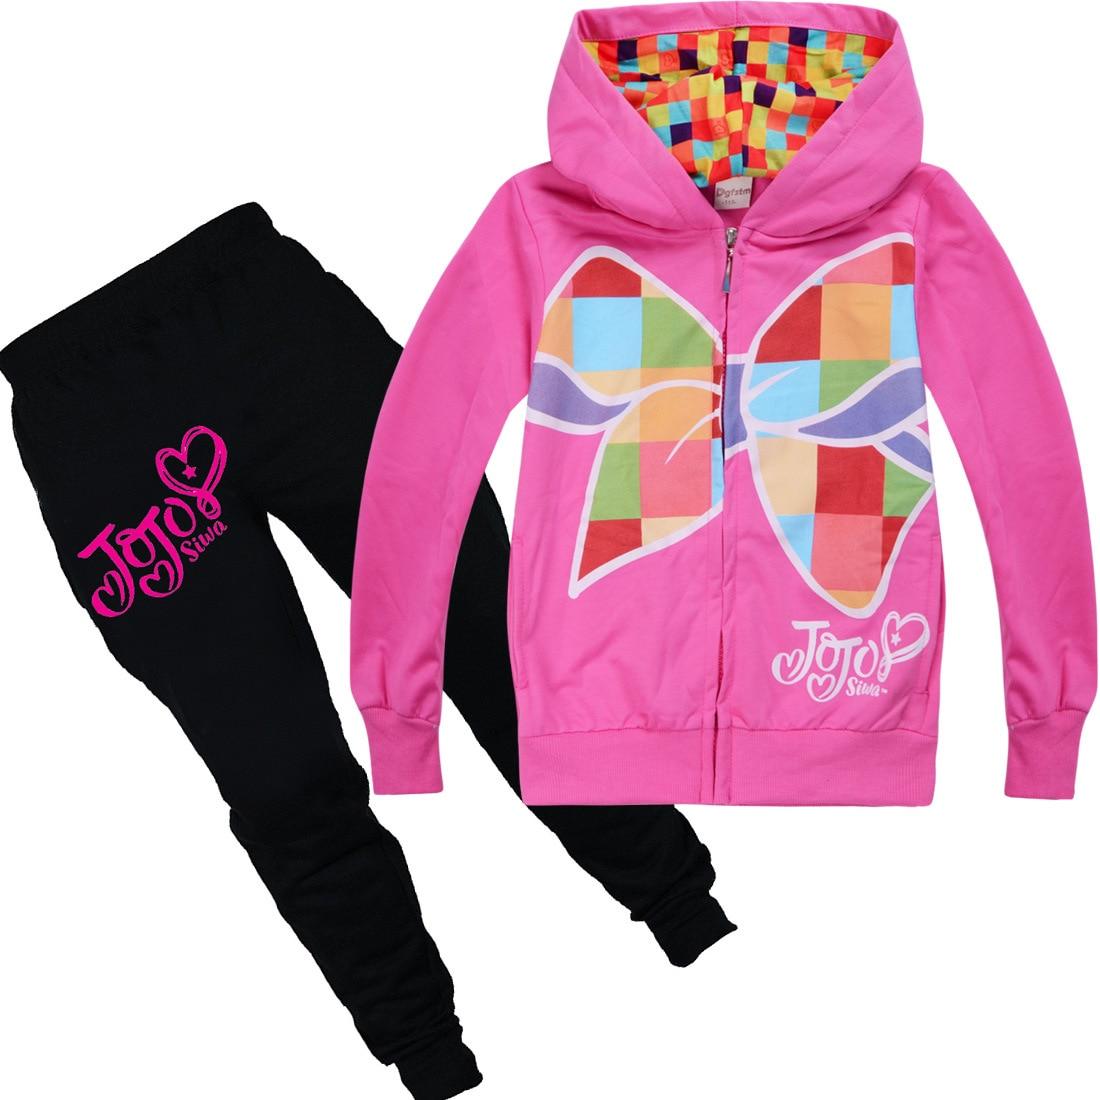 Conjuntos de pantalones y chaqueta con dibujos animados de primavera y otoño, camiseta con capucha y estampado de JOJO siwa, Tops de algodón, camiseta para niñas, ropa para niños 4-12Y